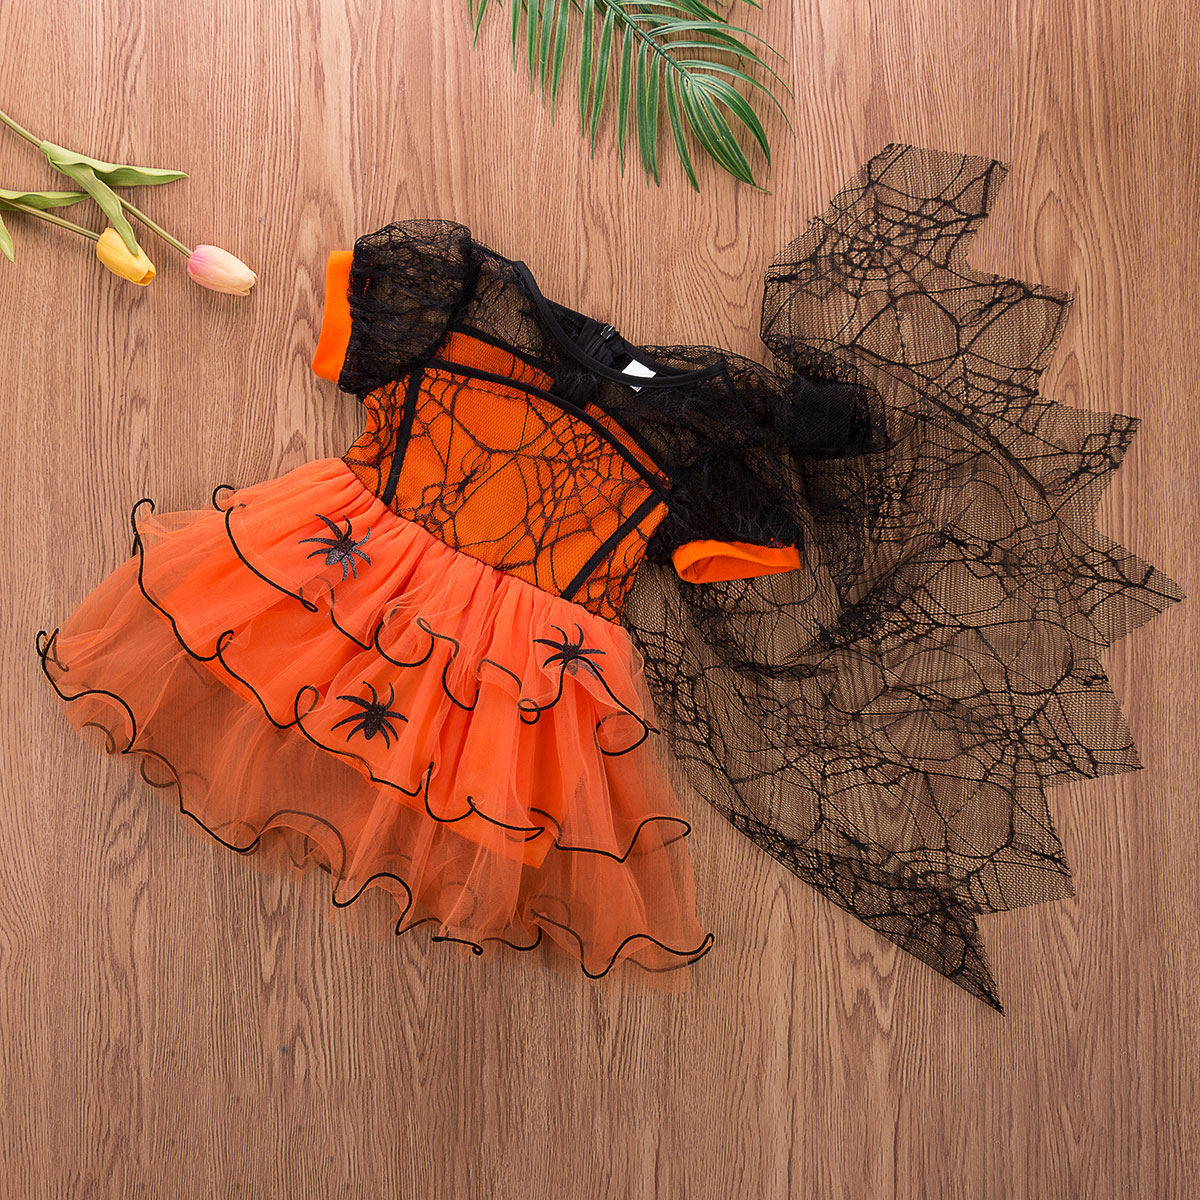 Witch Costume Girls Halloween Party Kids Deluxe Wizard Queen Fancy Dress